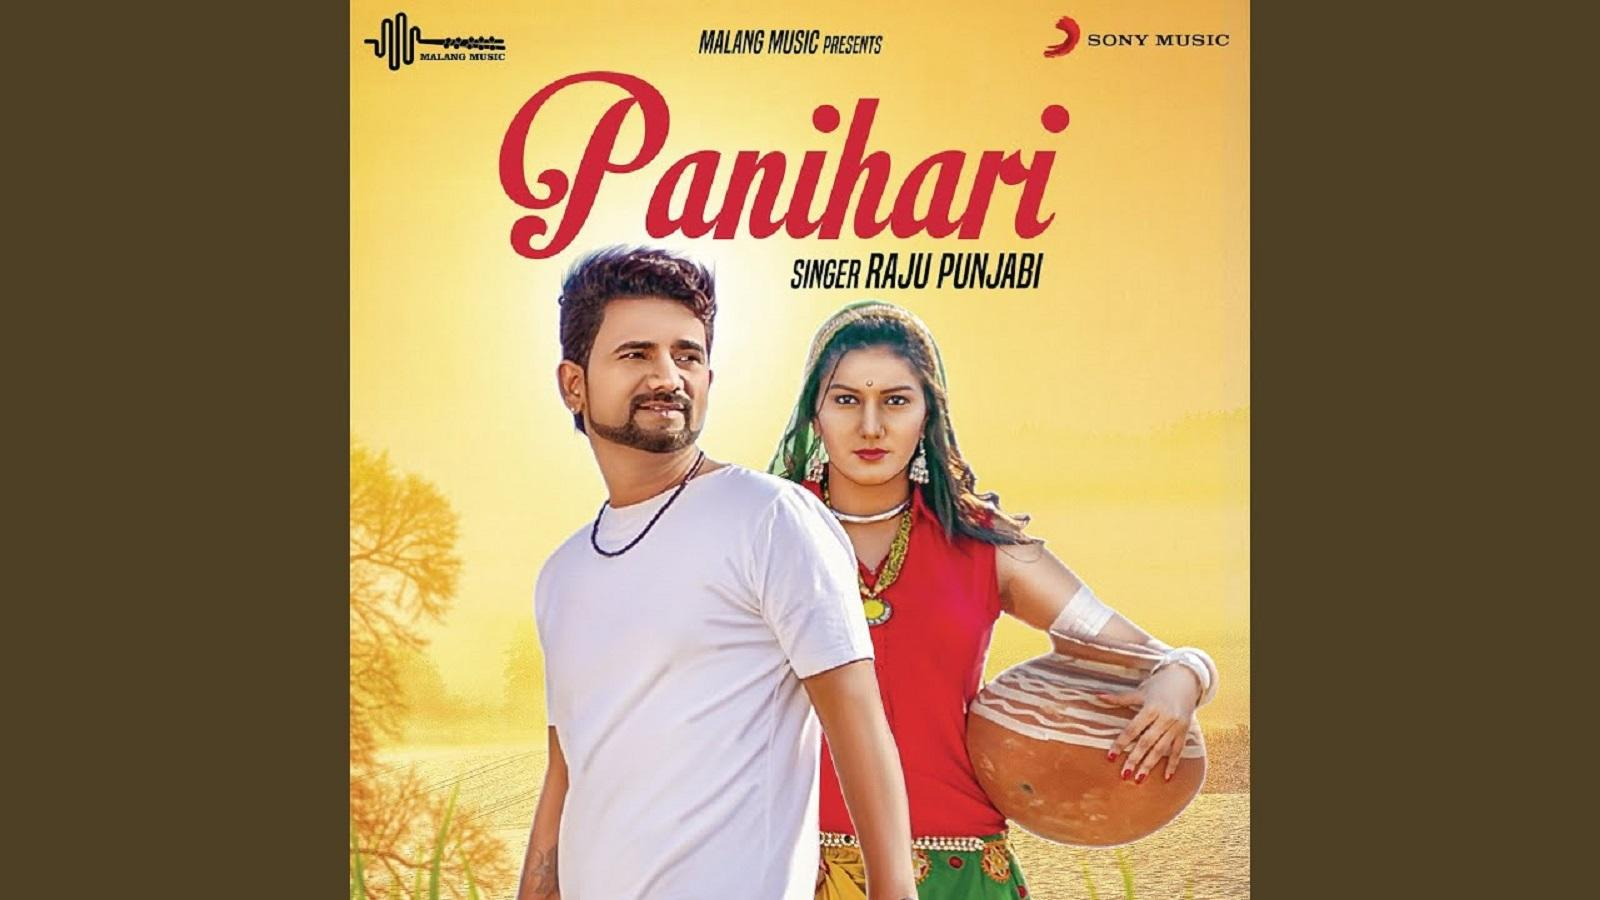 Watch: Sapna Choudhary's latest Haryanvi song 'Panihari' sung by Raju  Punjabi